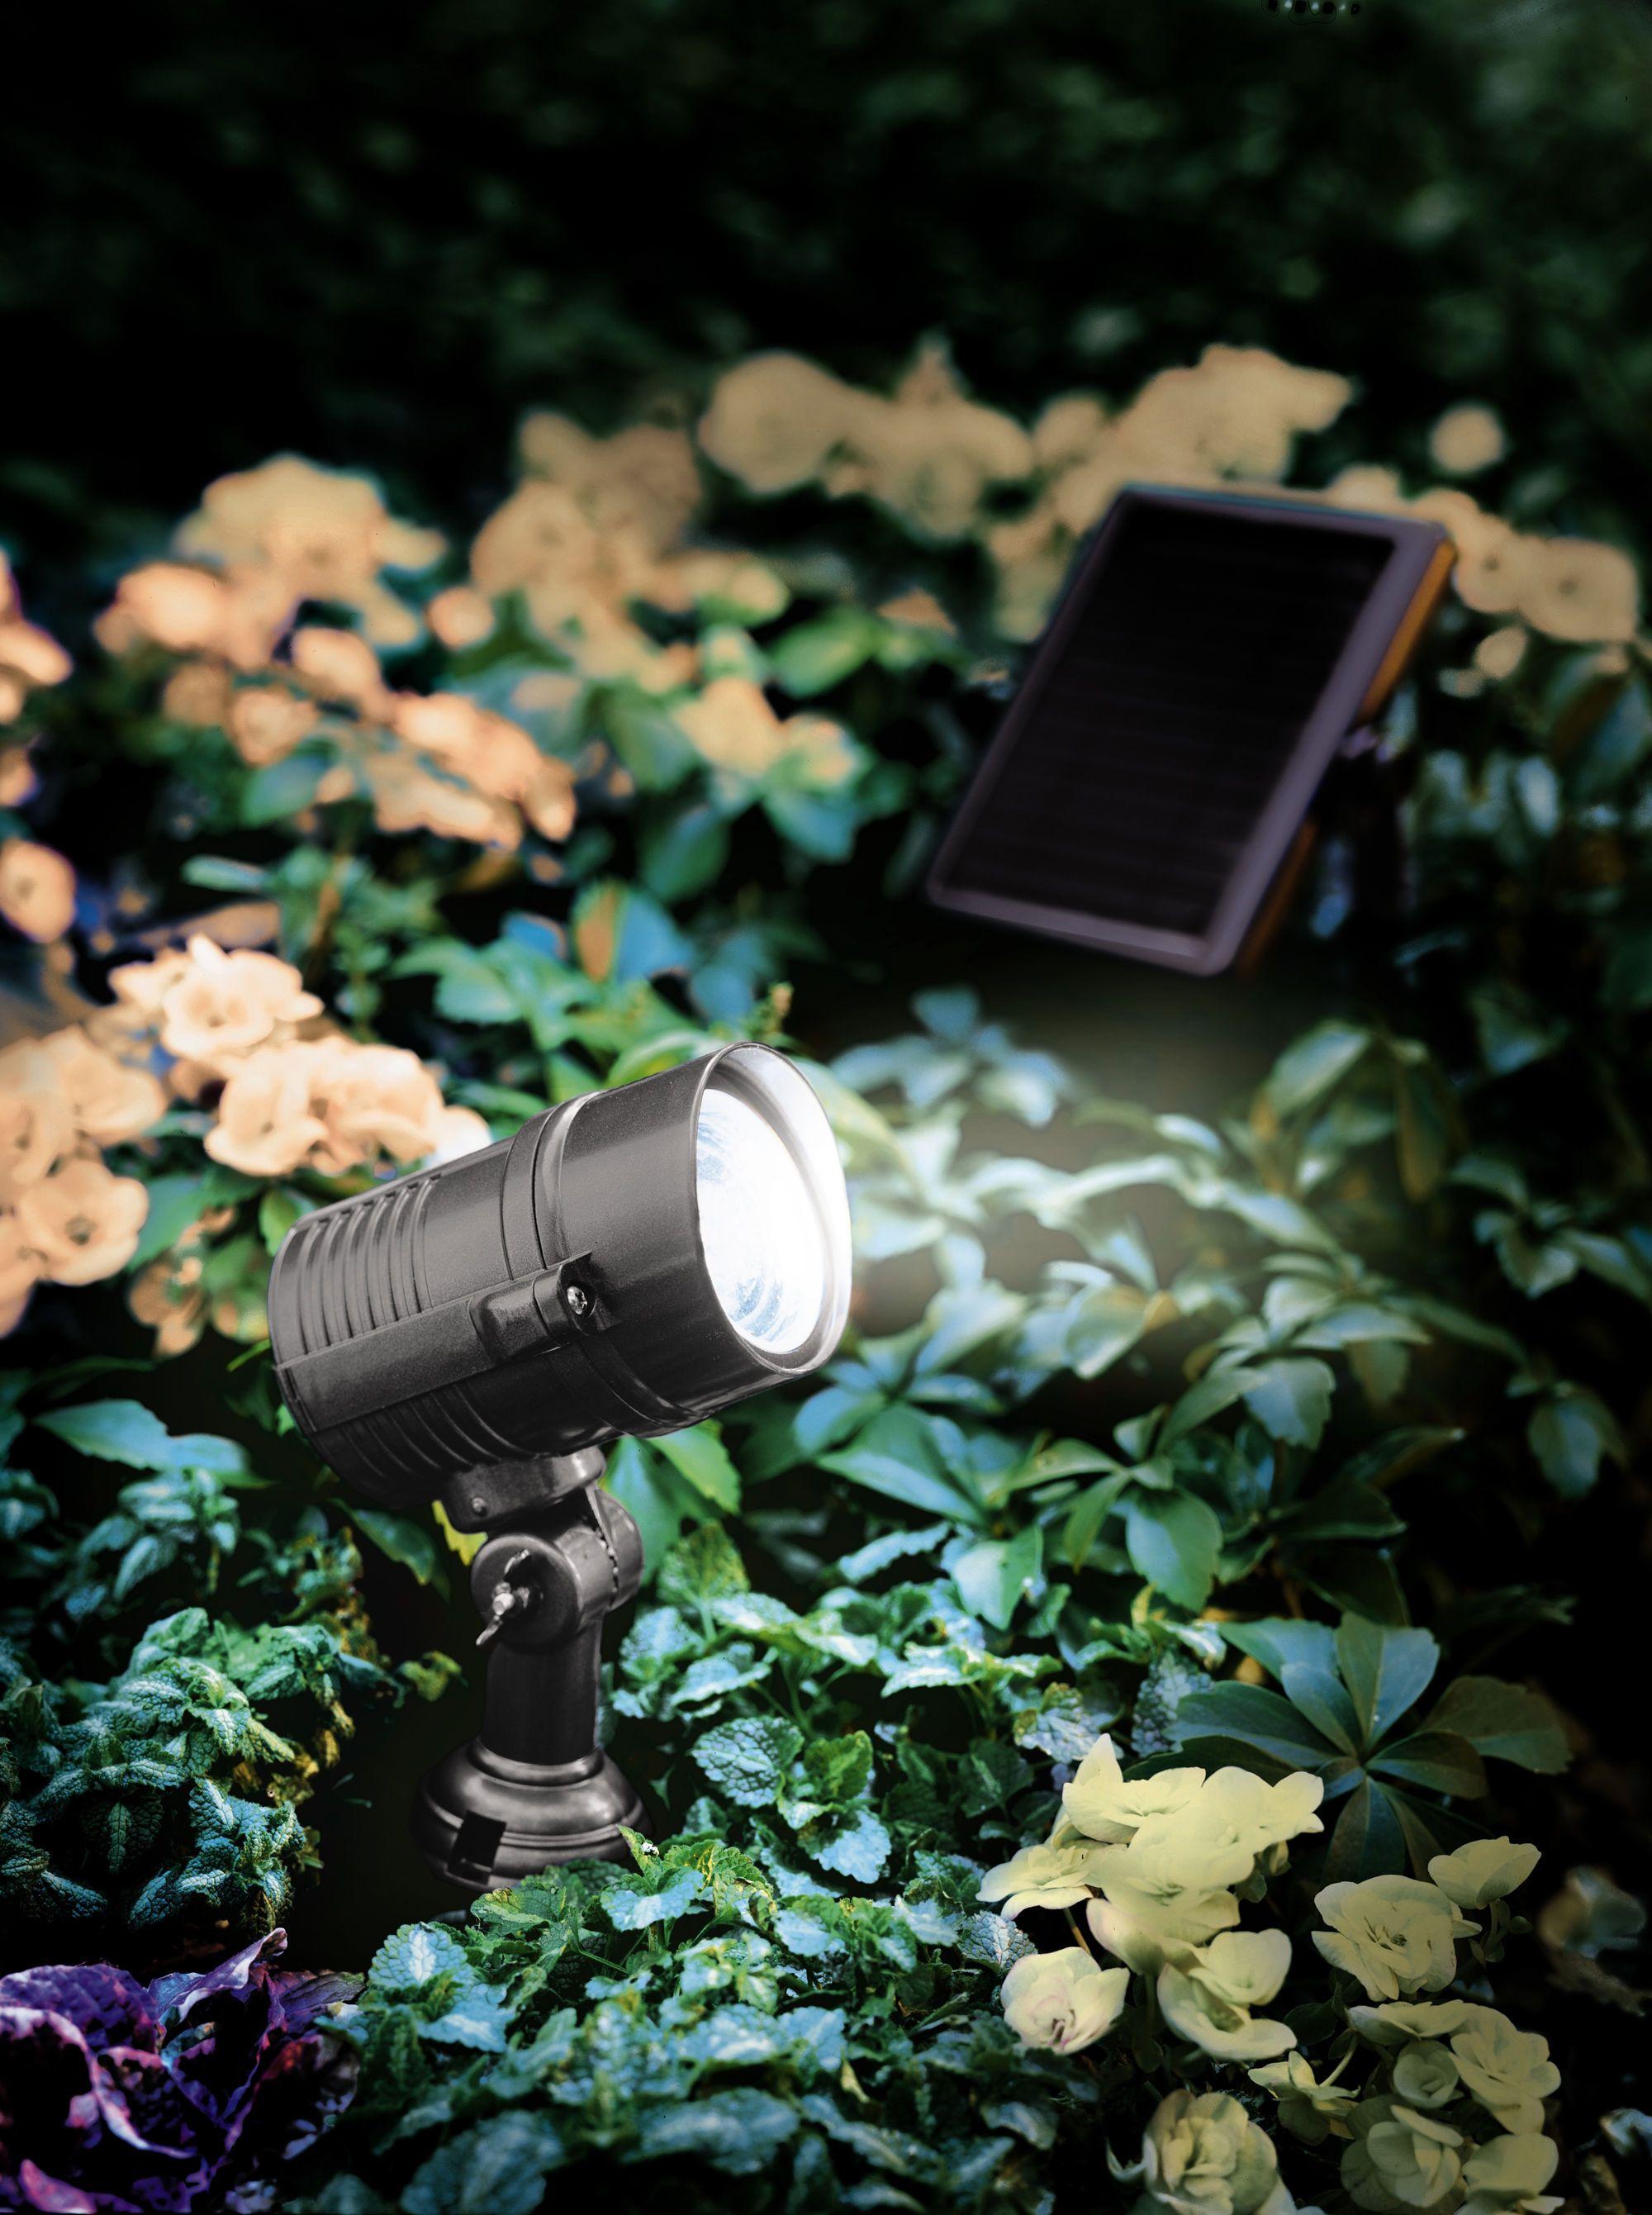 Brightest Solar Lights Superbright Solar Spotlight Gardeners Com Solar Lights Garden Outdoor Solar Lights Garden Supplies